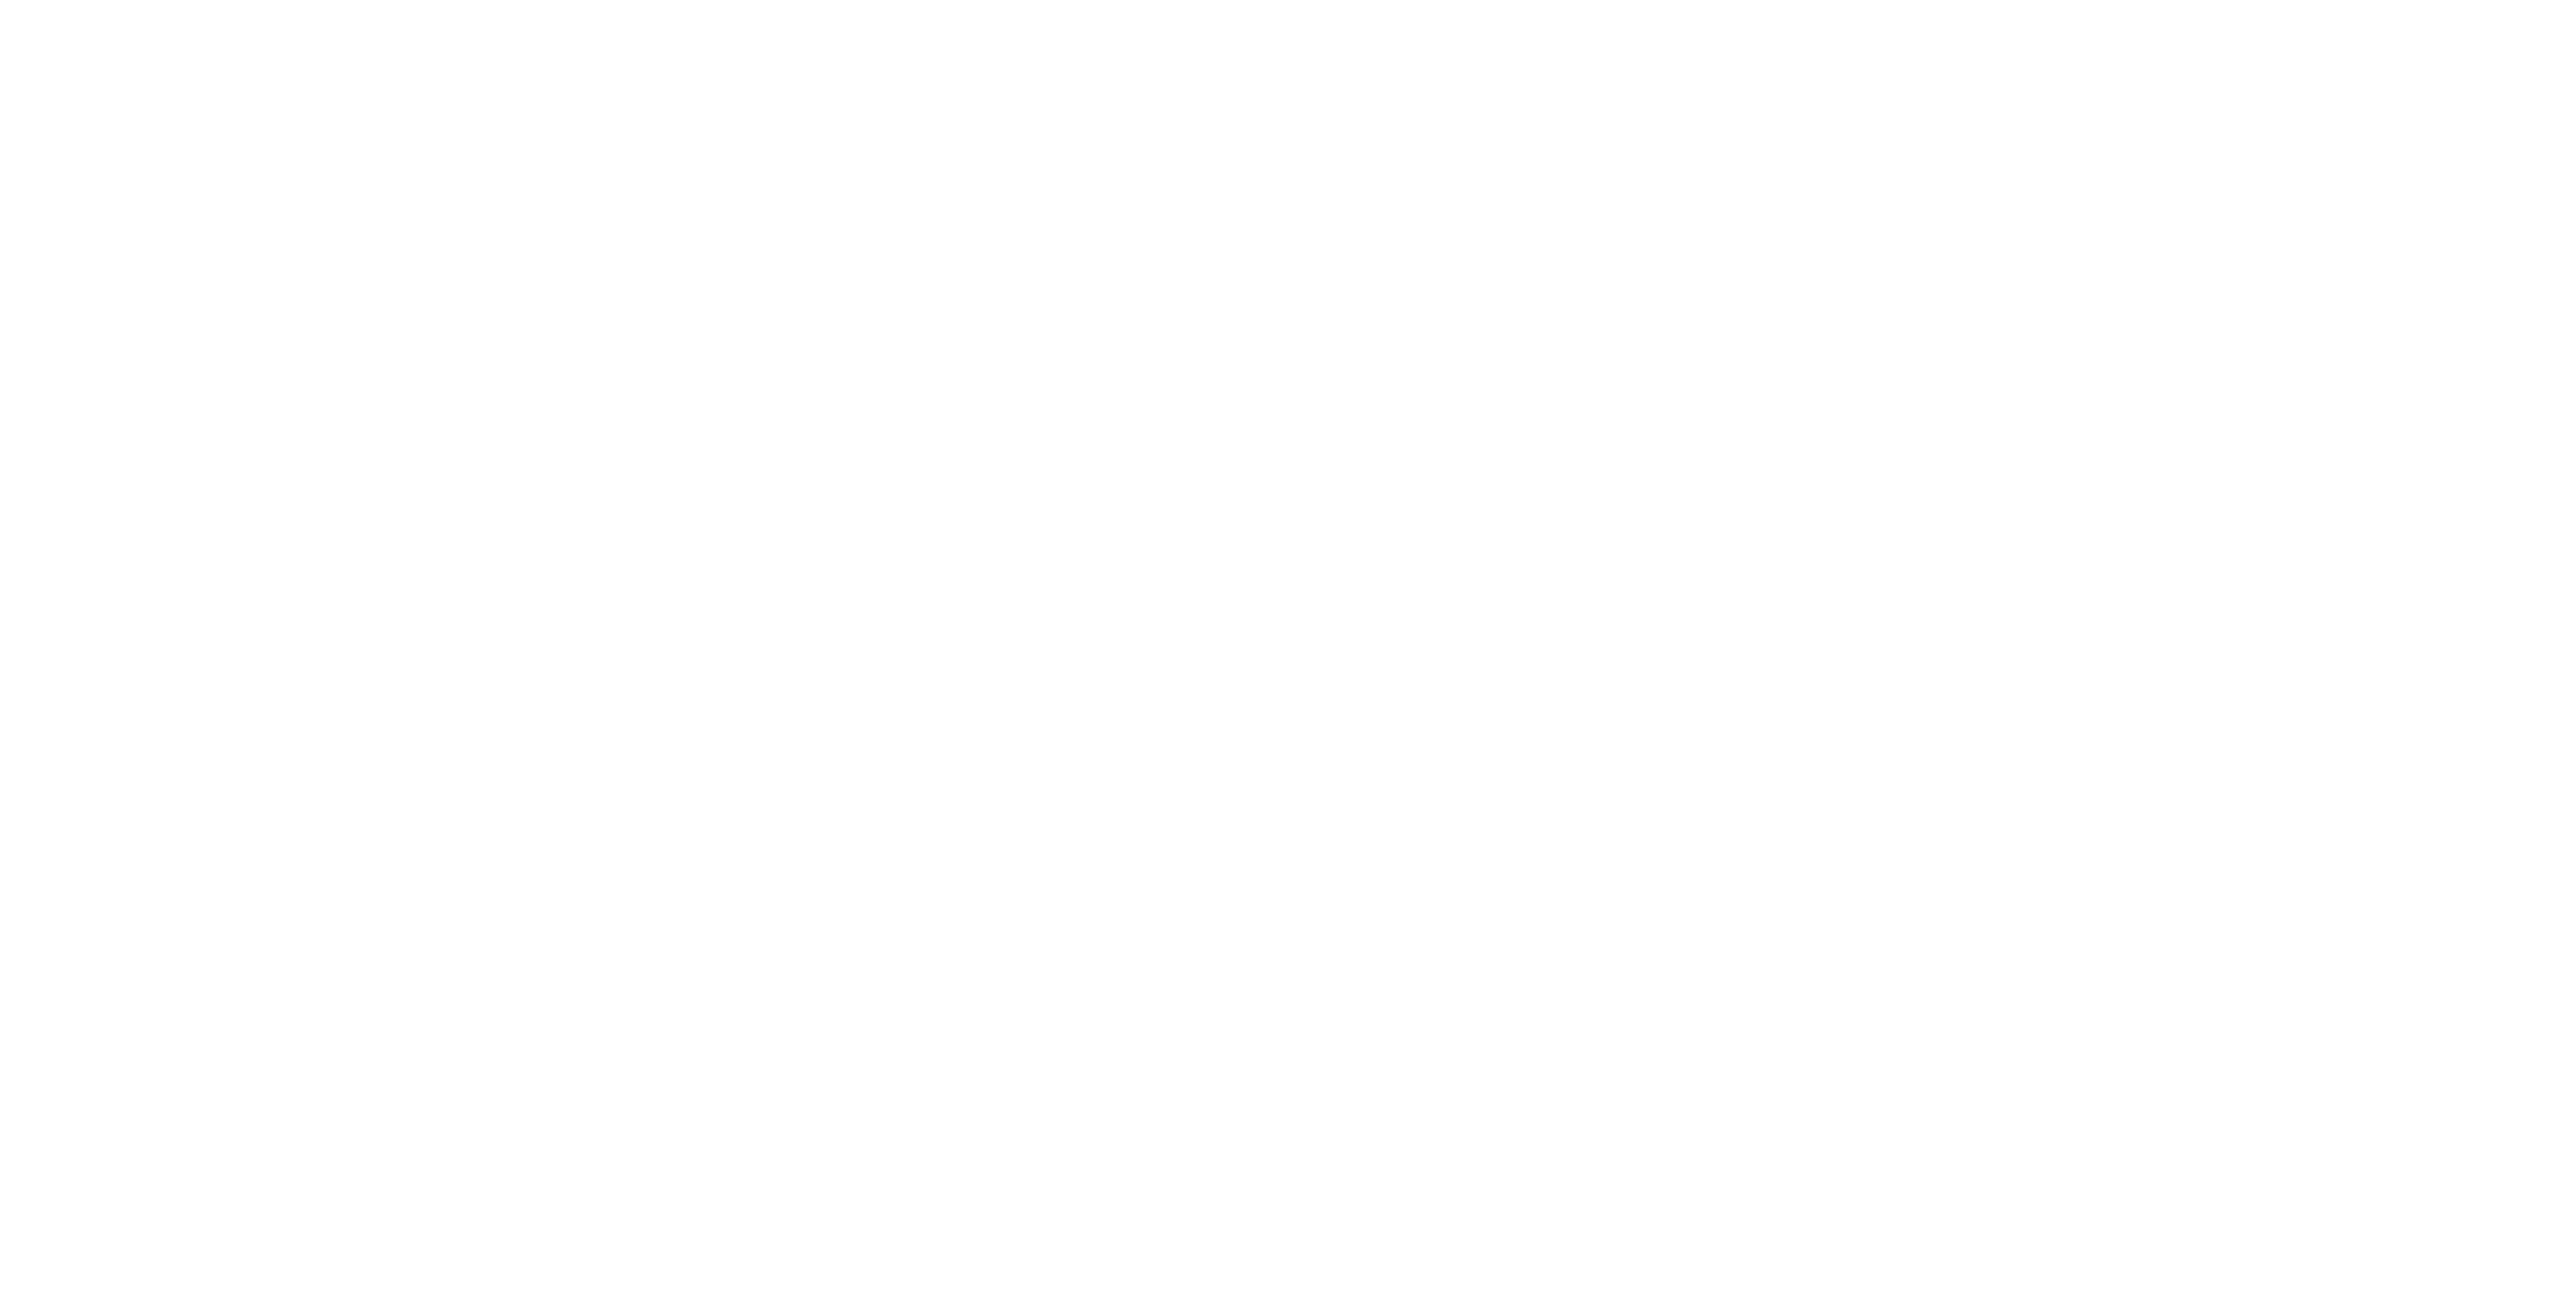 El Diez Football